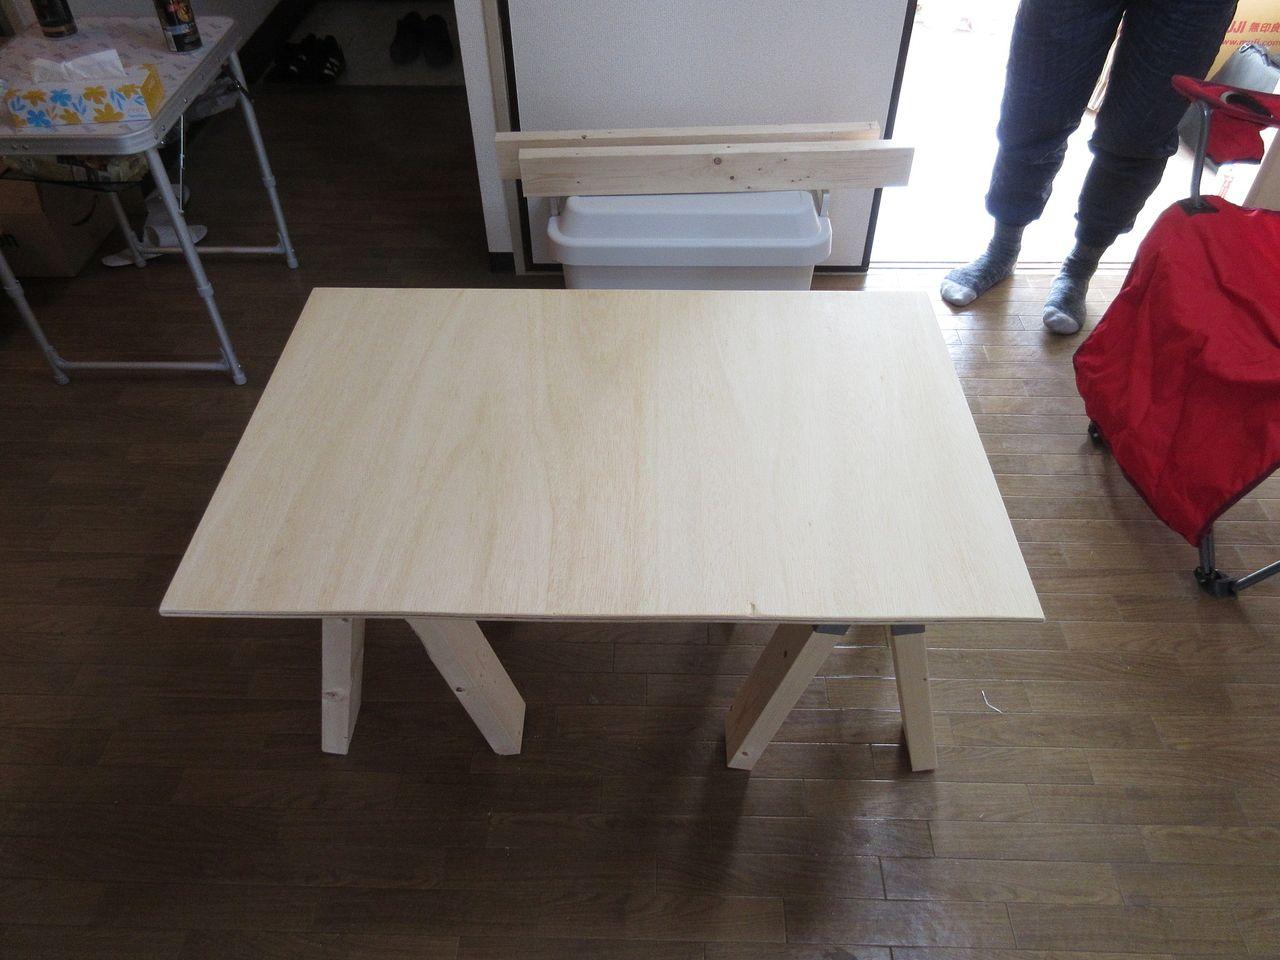 みなさまこんにちは。 簡易テーブルの天板部分にワックスを塗装していきます。